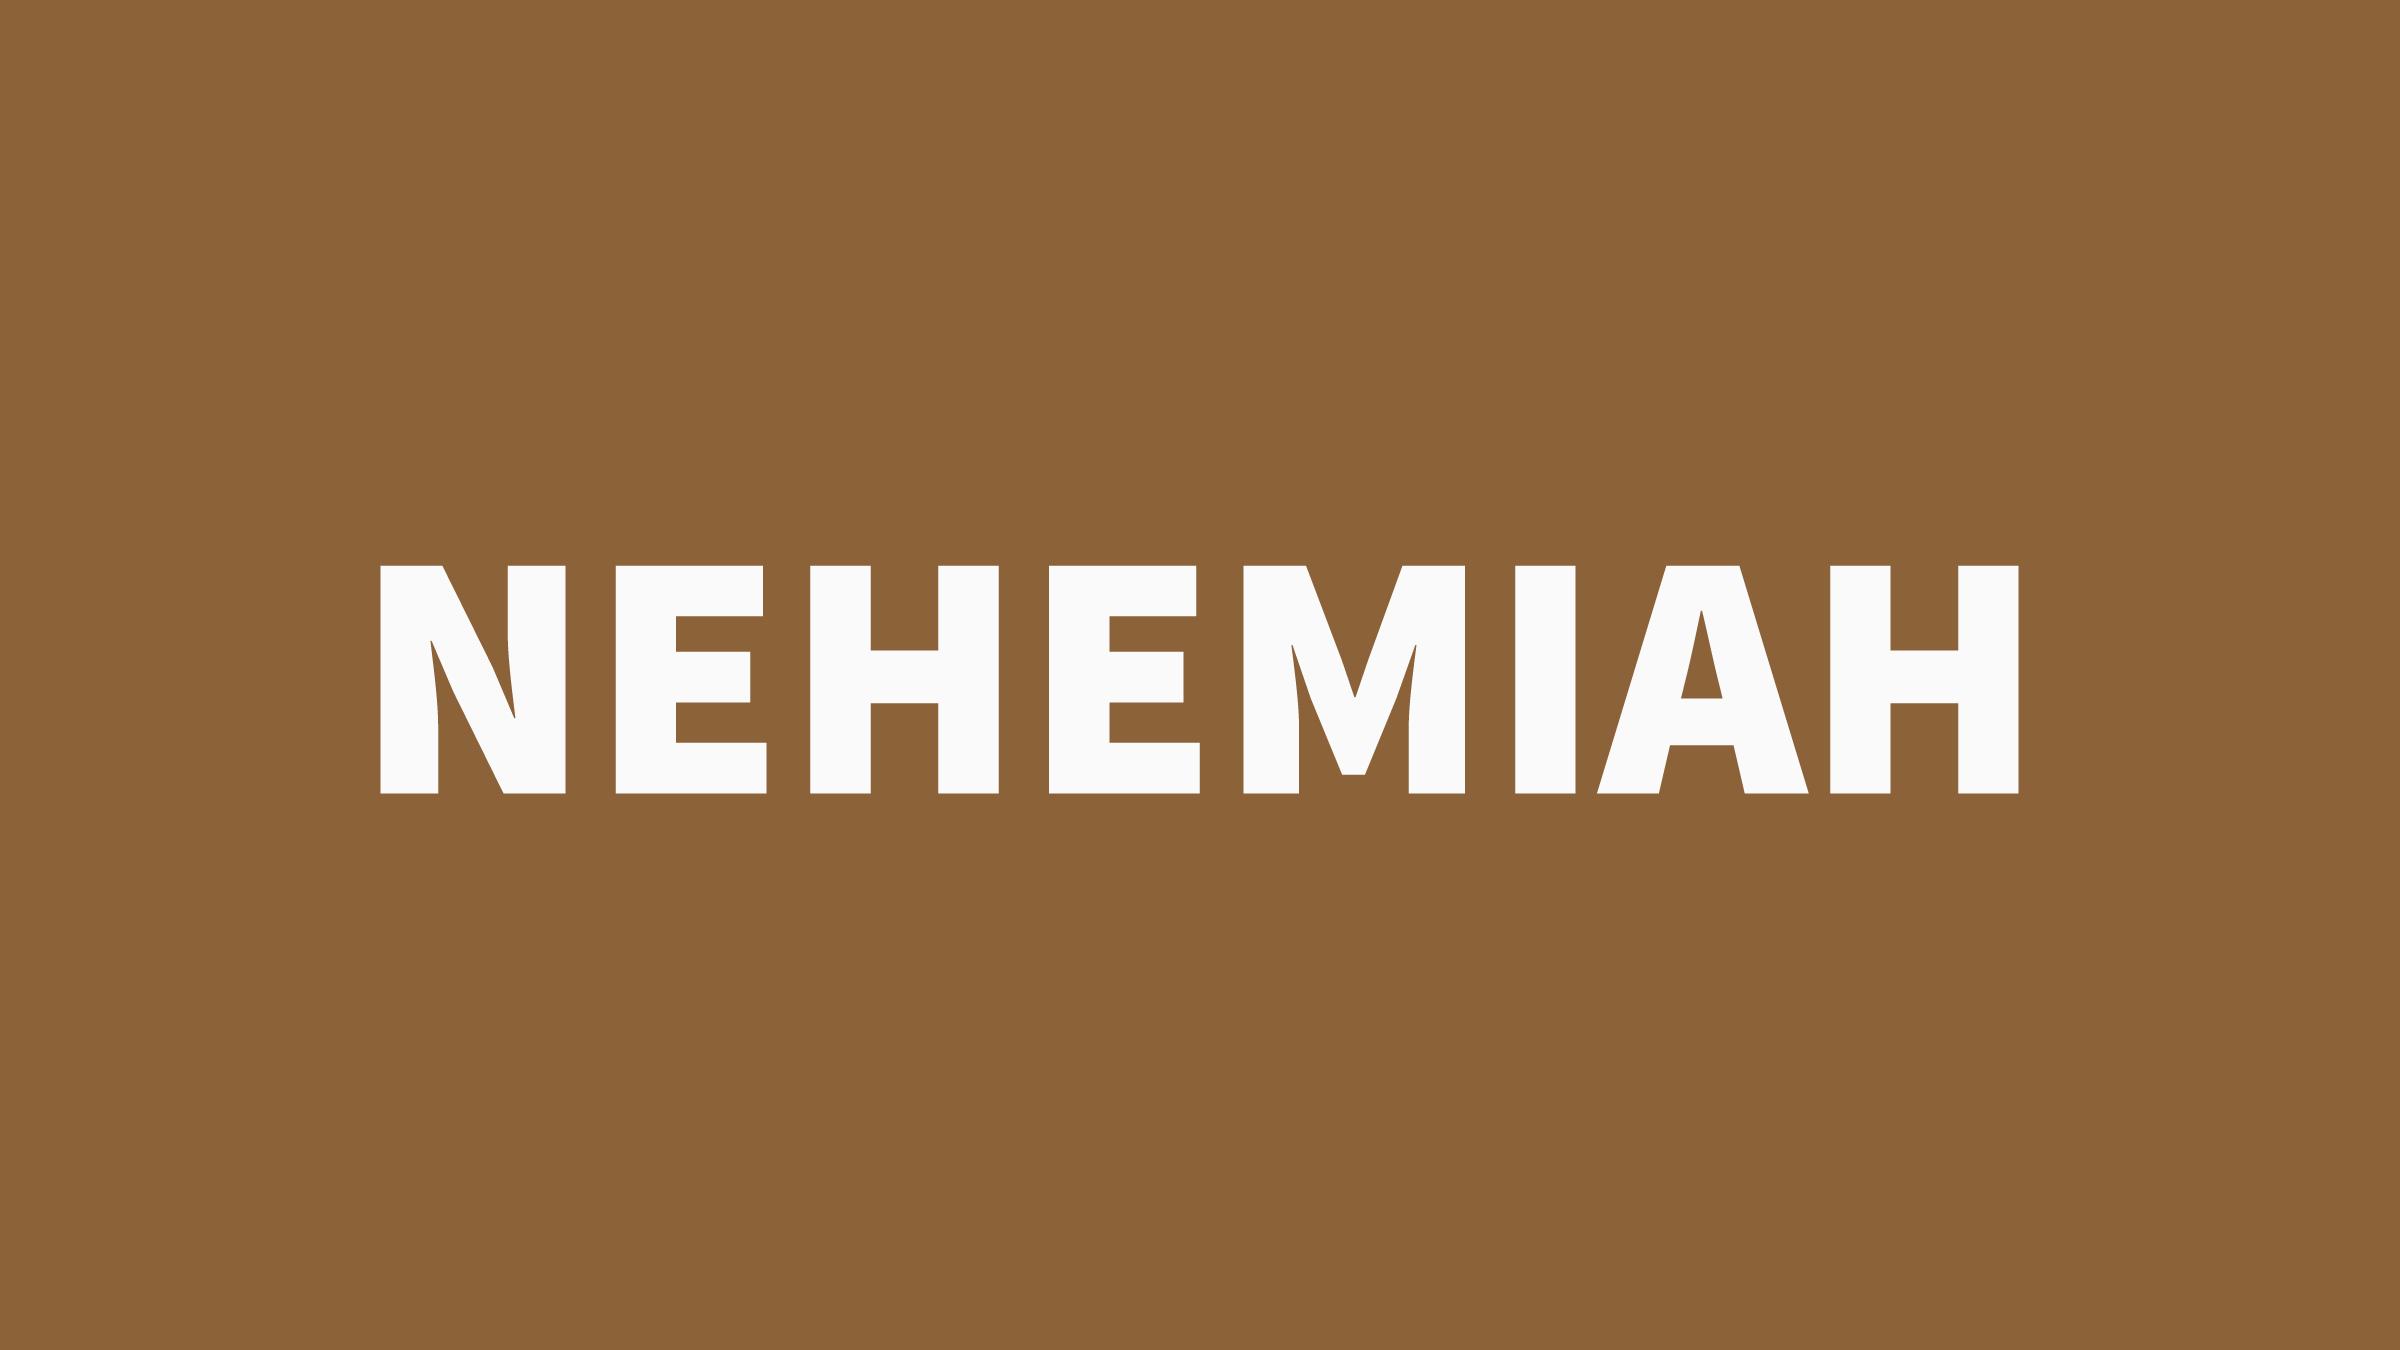 nehemiah.jpeg